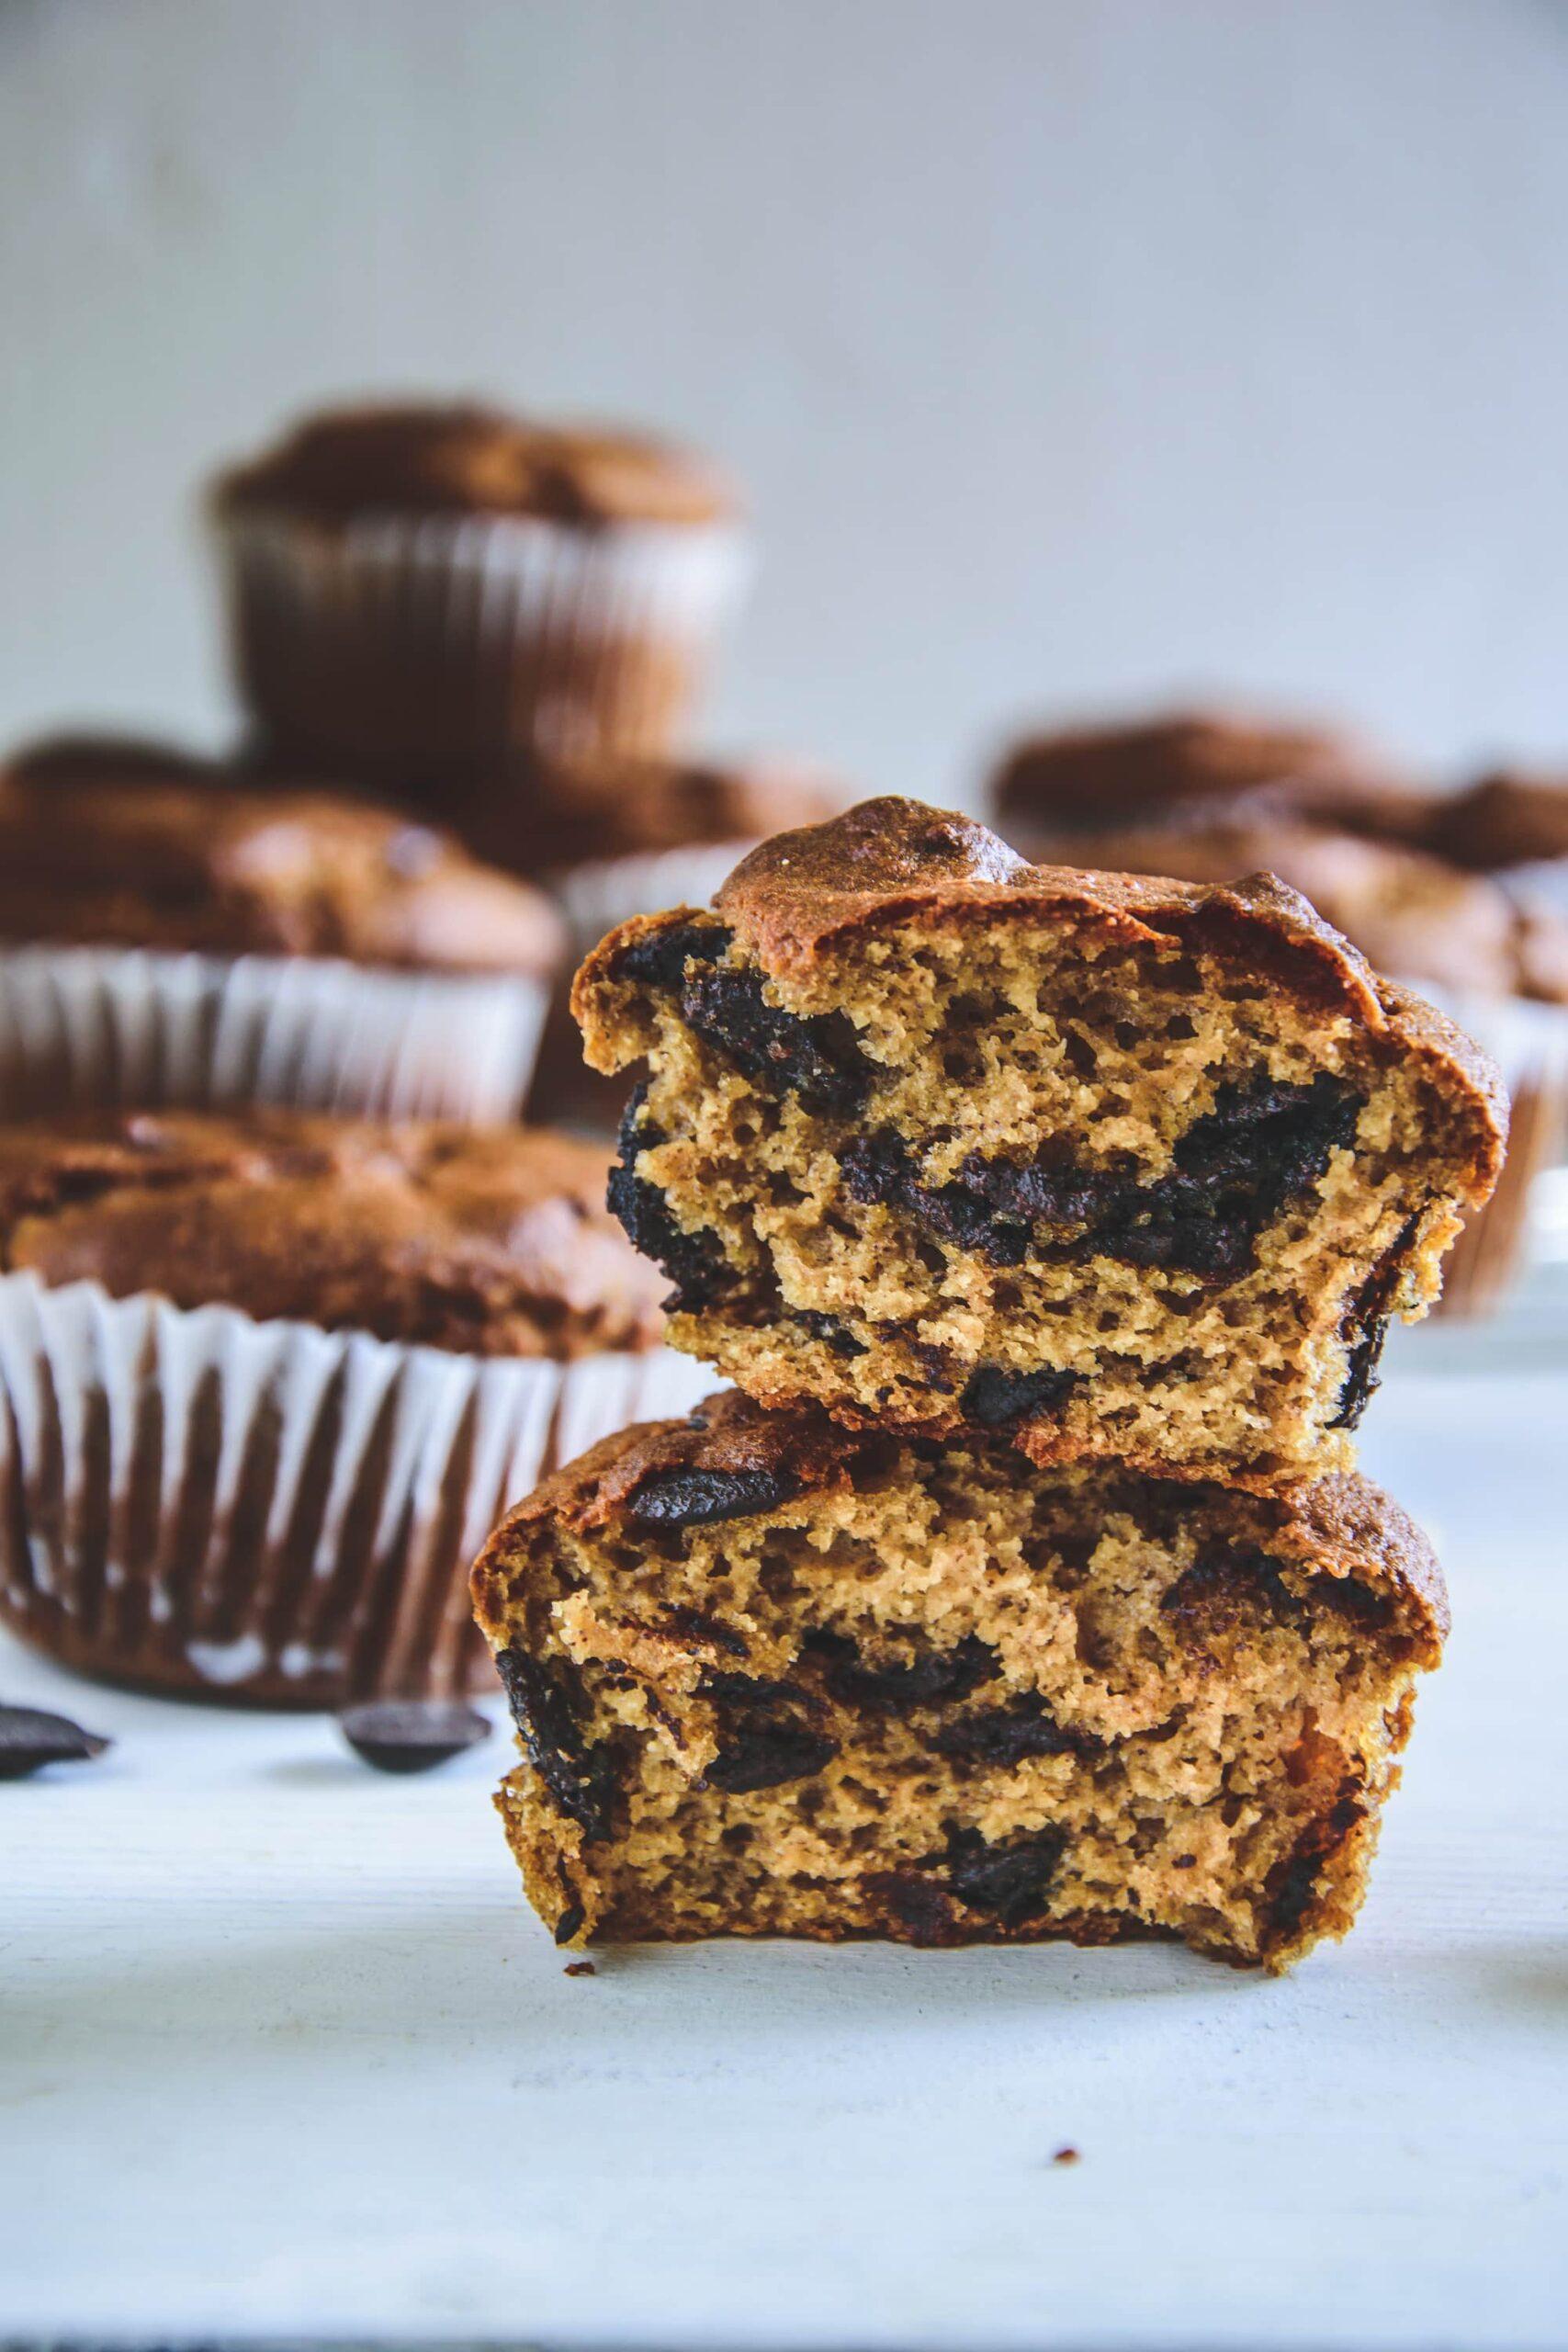 Ein halbierter Peanut Chocolate Chip Muffins mit der Textur im Fokus und weiteren Muffins im Hintergrund. Fotografiert auf Augenhöhe.